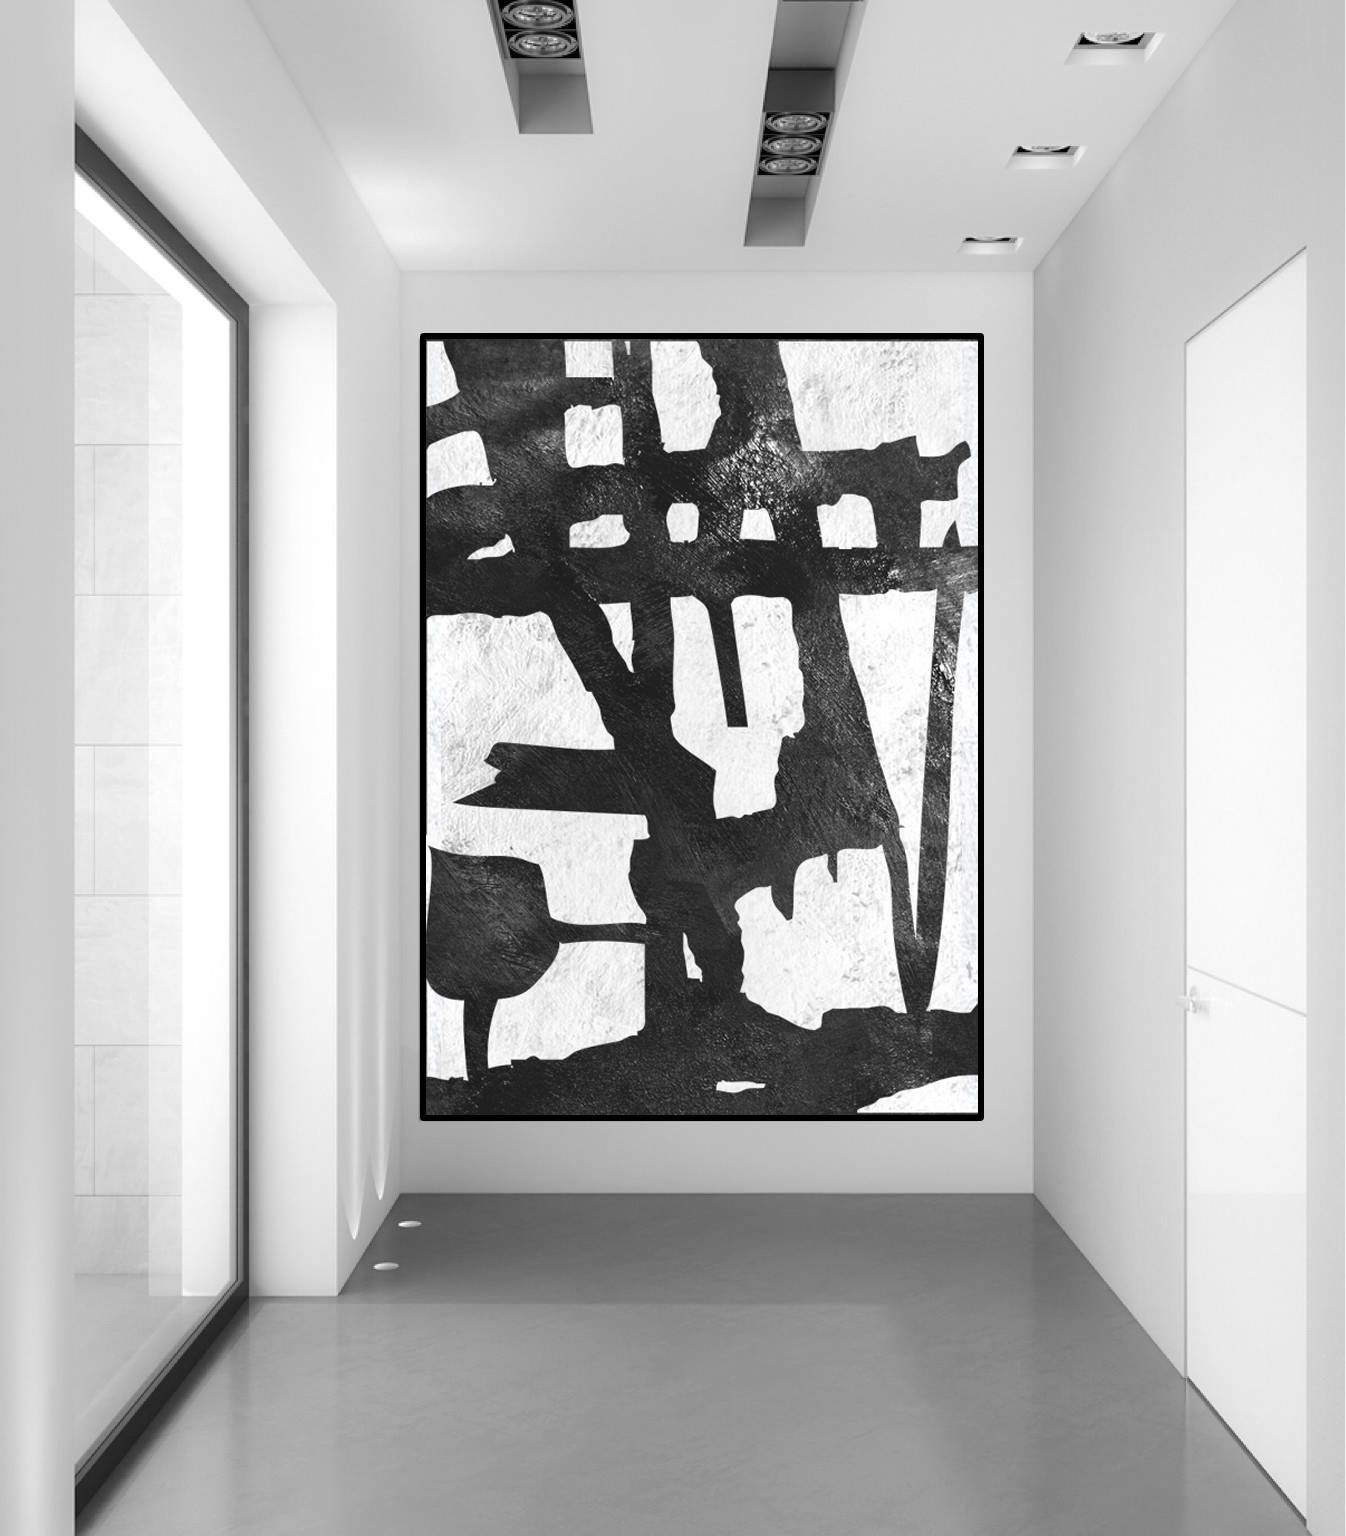 Grote Foto Aan De Muur.Extra Grote Muur Kunst Abstract Schilderij Op Canvas Zwart Wit